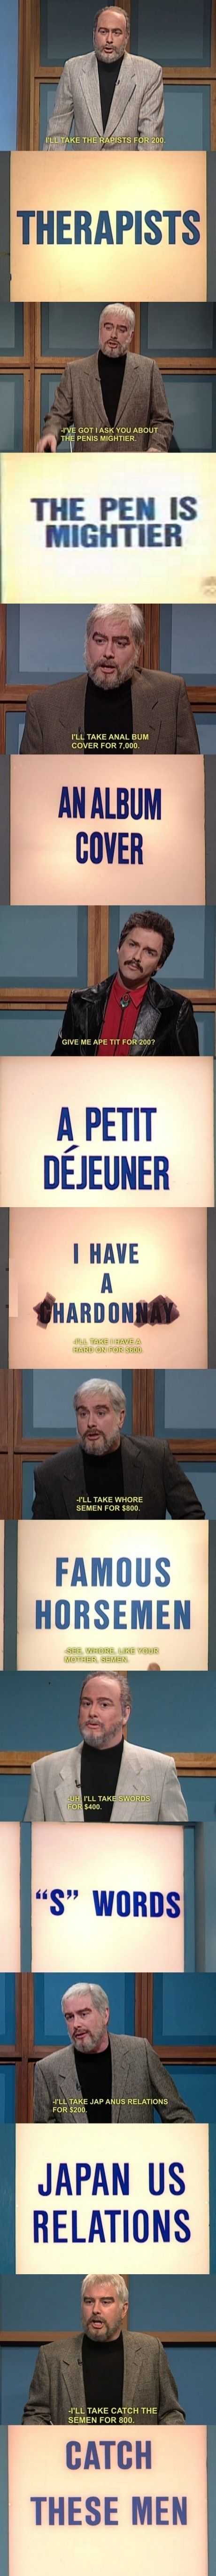 I love SNL's old Celebrity Jeopardy